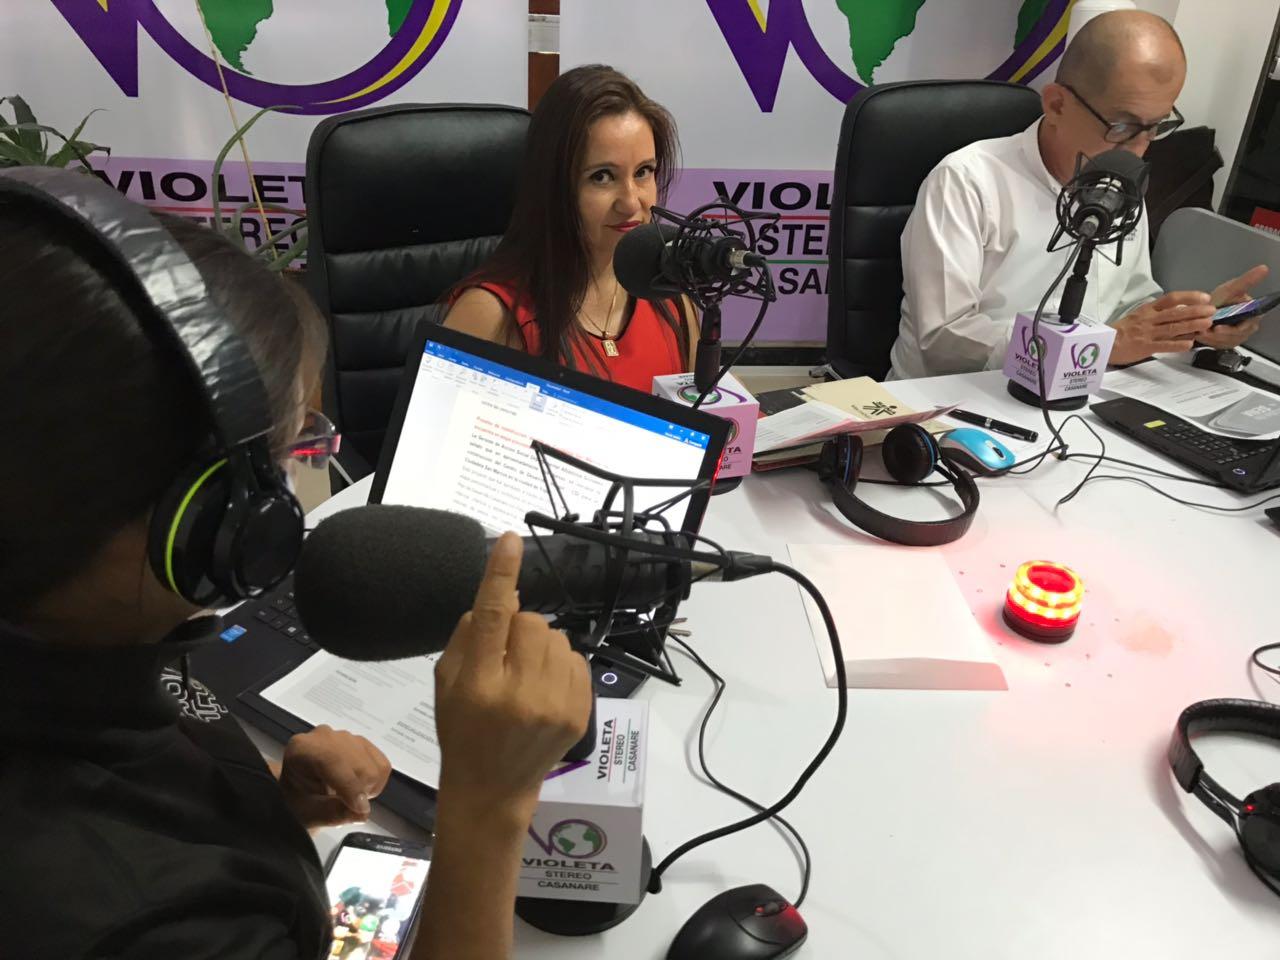 """#EnAudio """"El SENA, Casanare abre inscripciones desde el 16 al 25 de febrero en formación técnica"""": Johana Medina, Directora Regional Sena."""